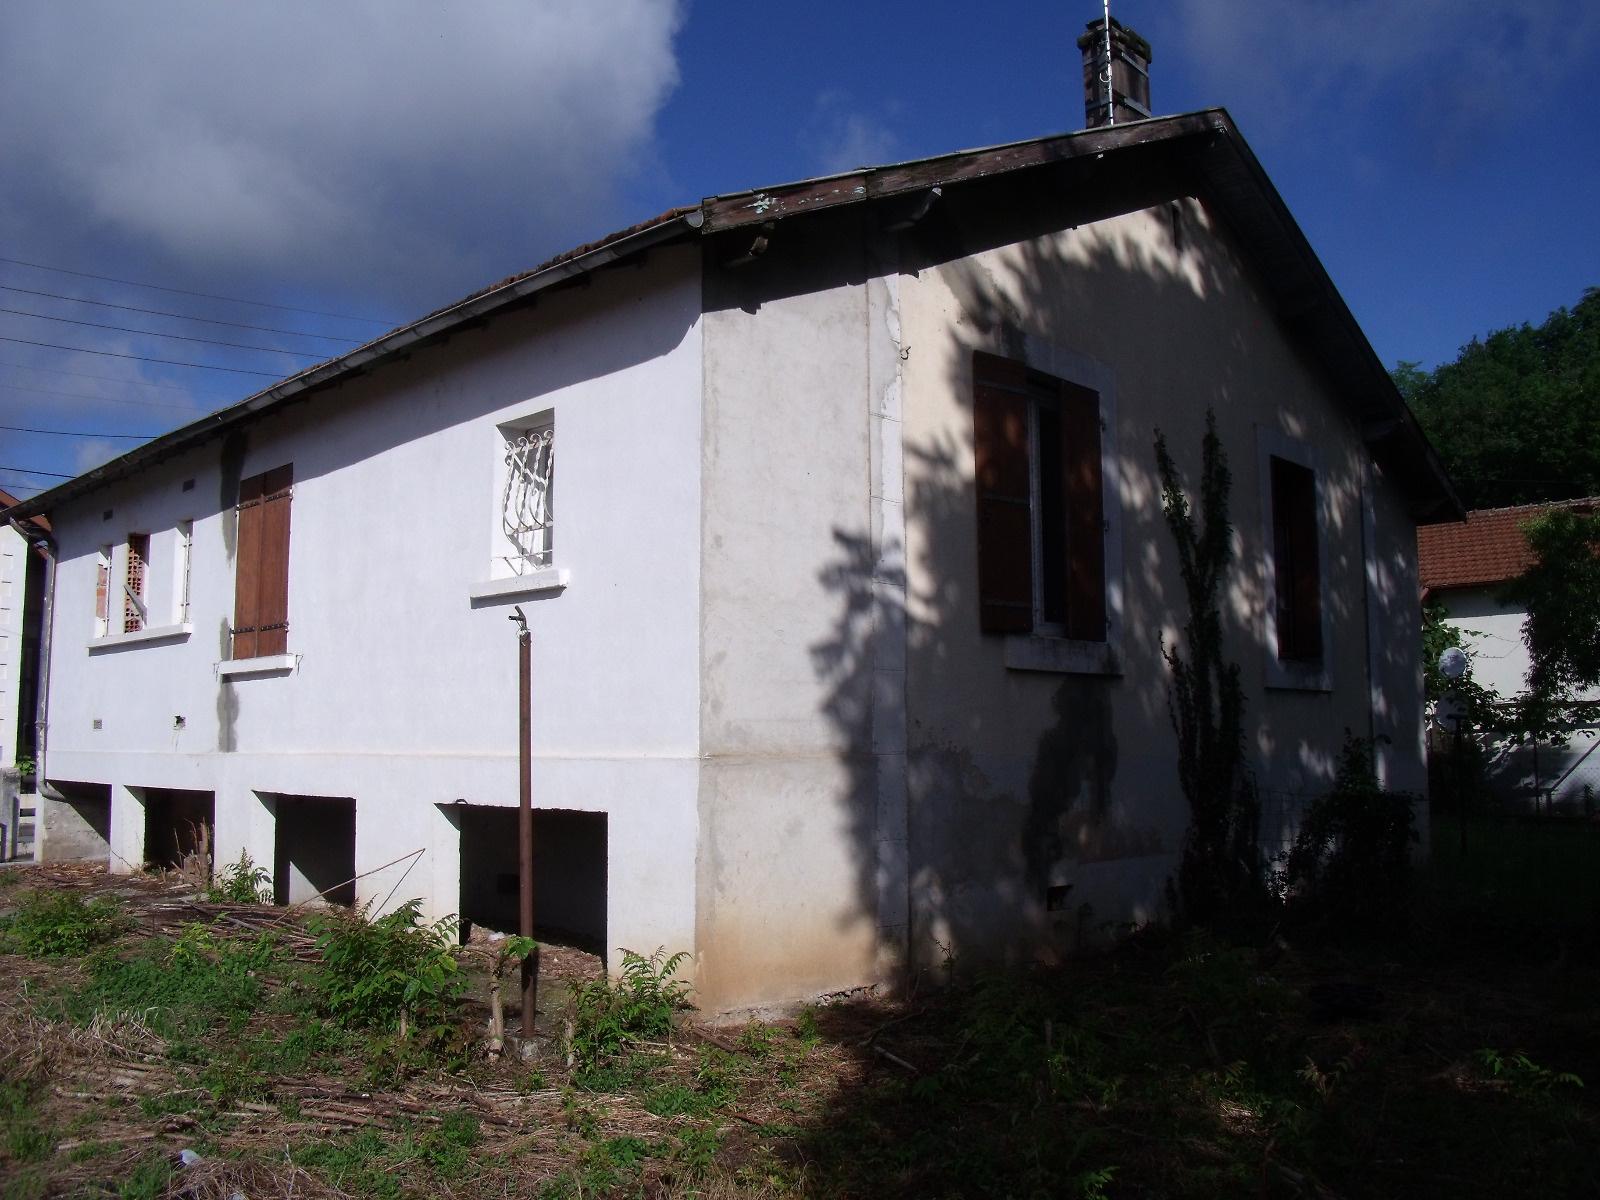 Vente maison/villa 2 pièces fumel 47500